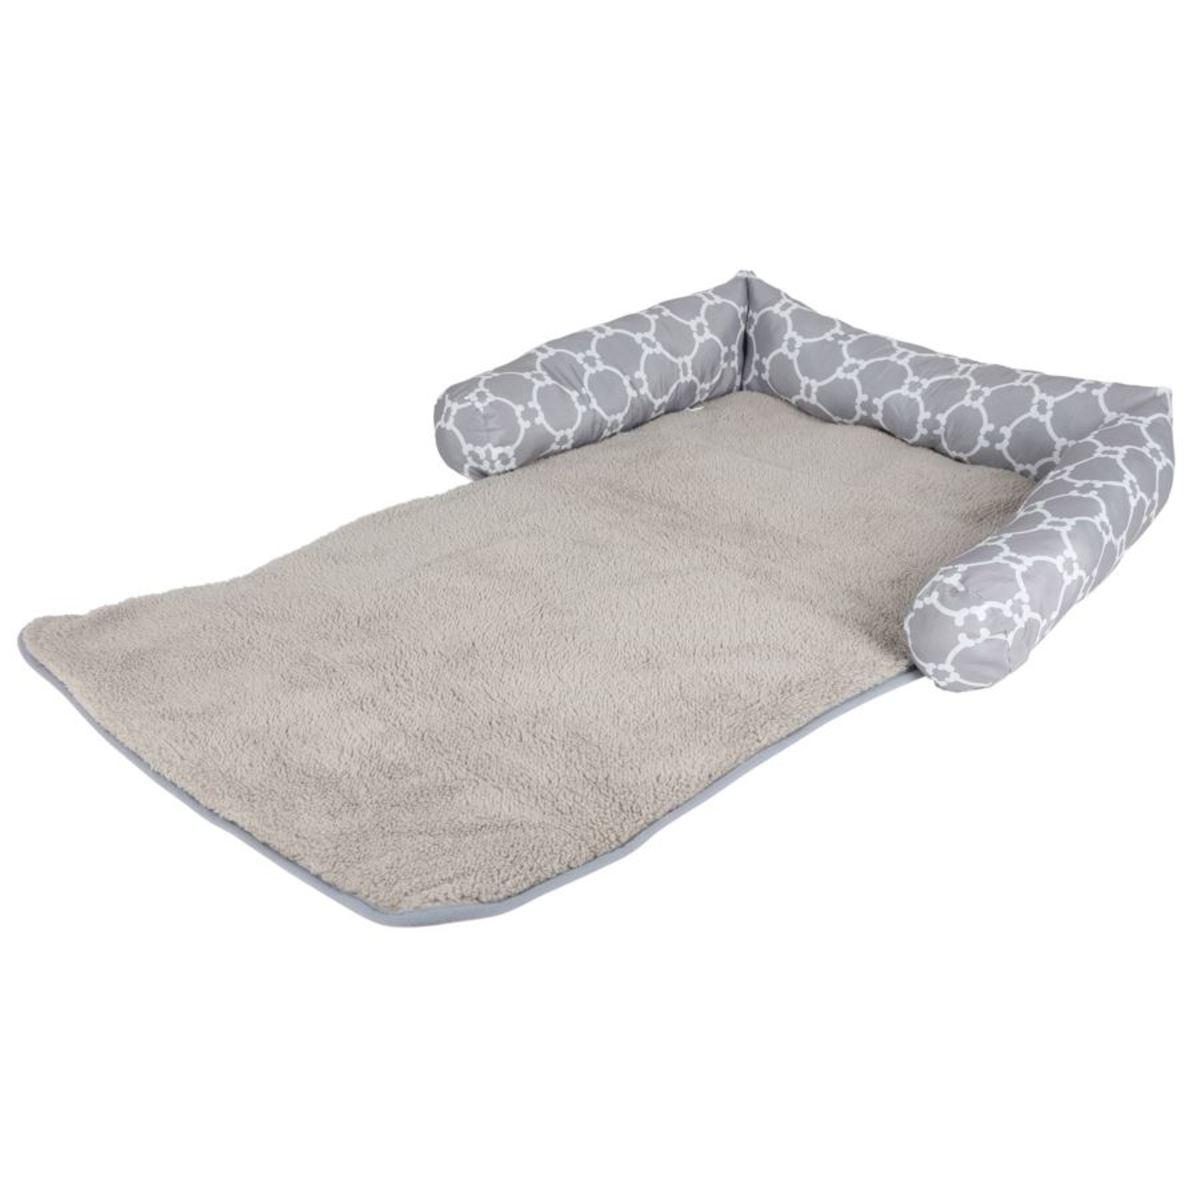 Bild 1 von Hundebett-Sofaschutz Größe S